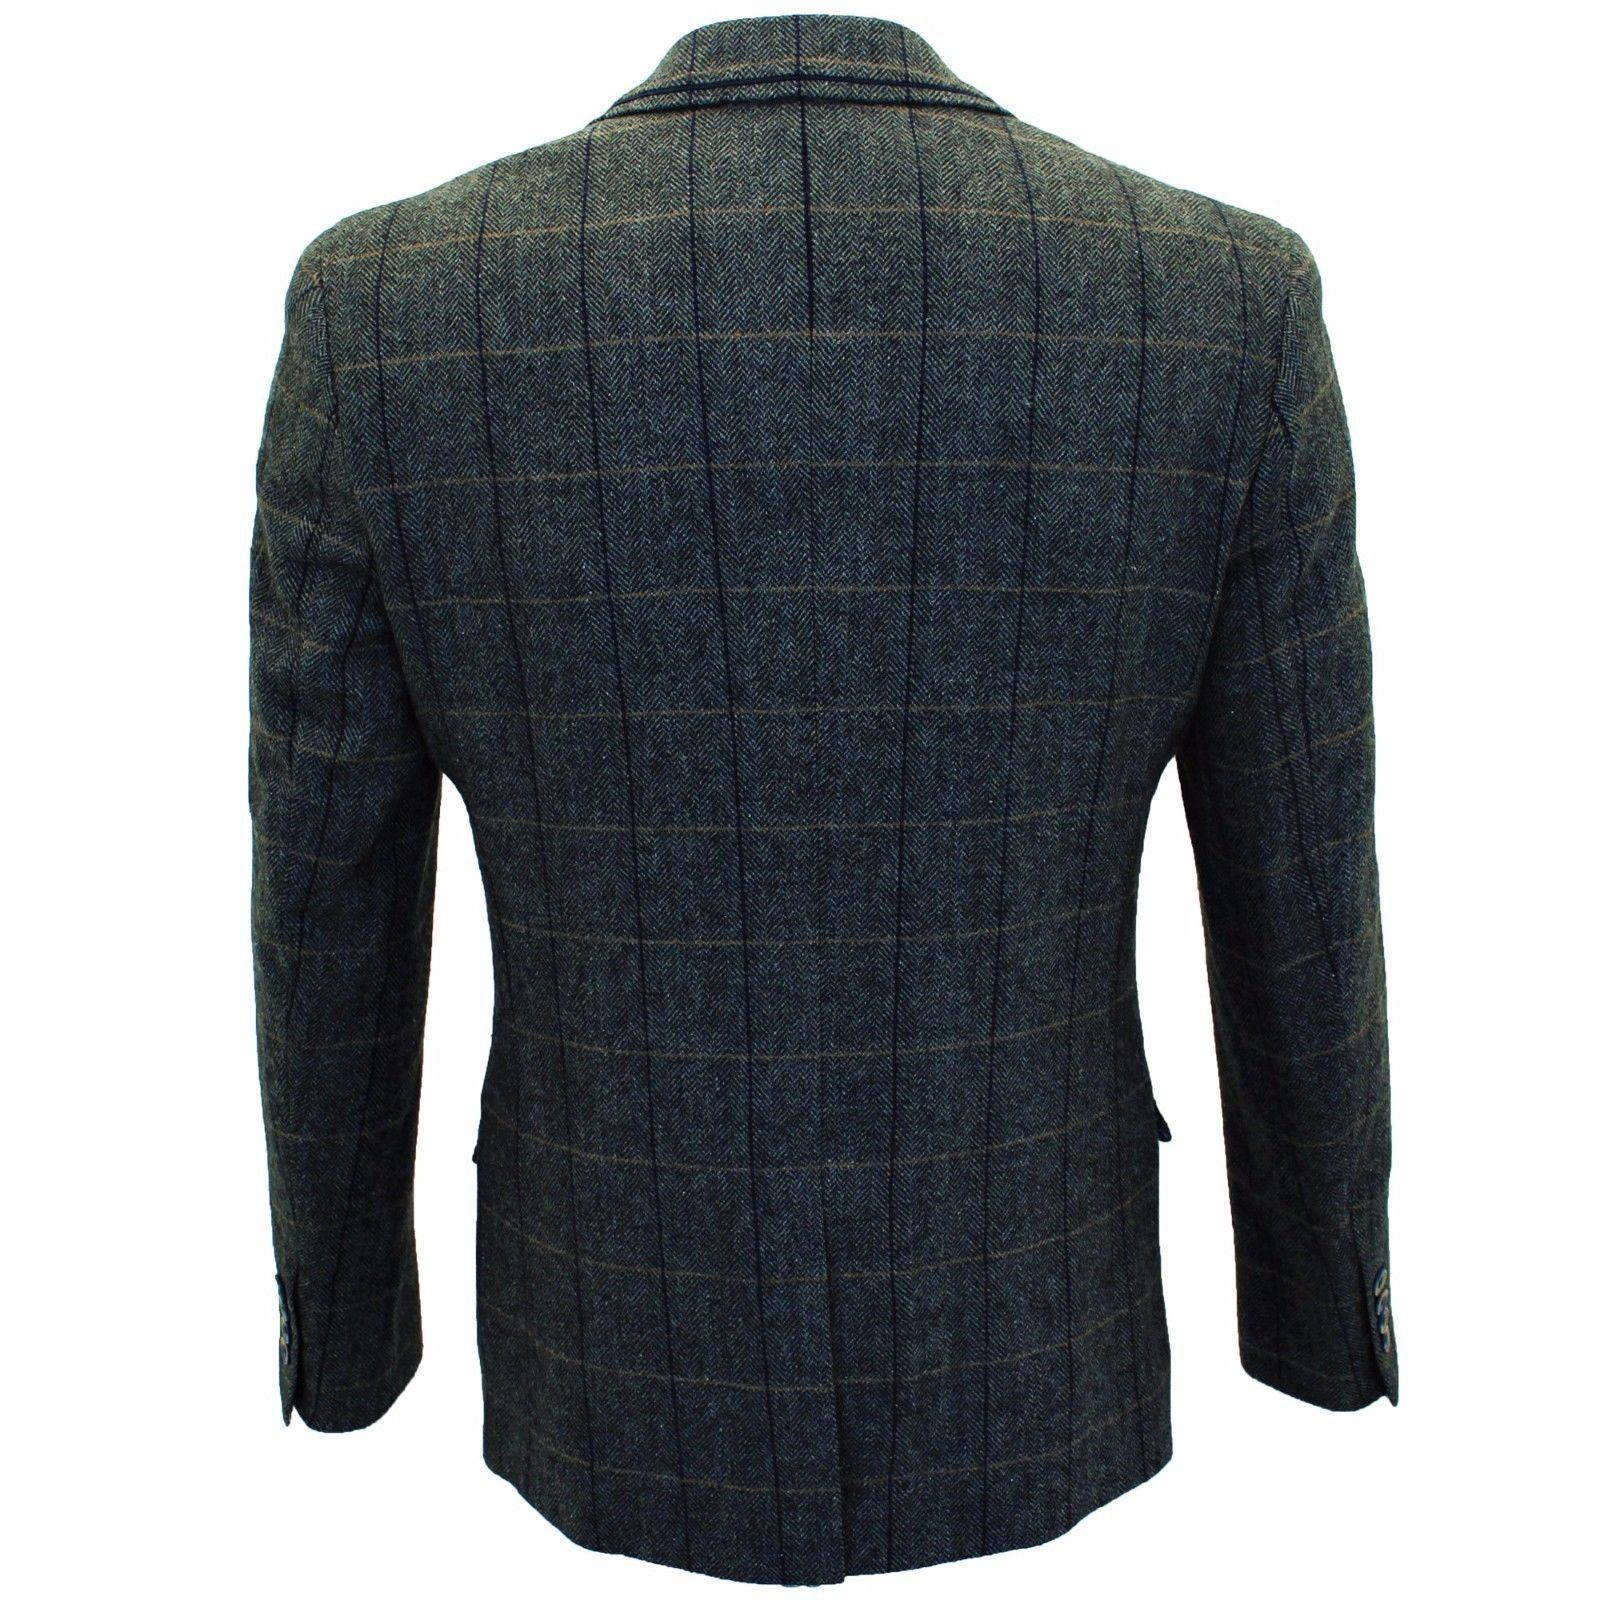 Mens-Cavani-Wool-Tweed-Blazer-Waistcoat-Trousers-3-Piece-Suit-Sold-Separately thumbnail 3